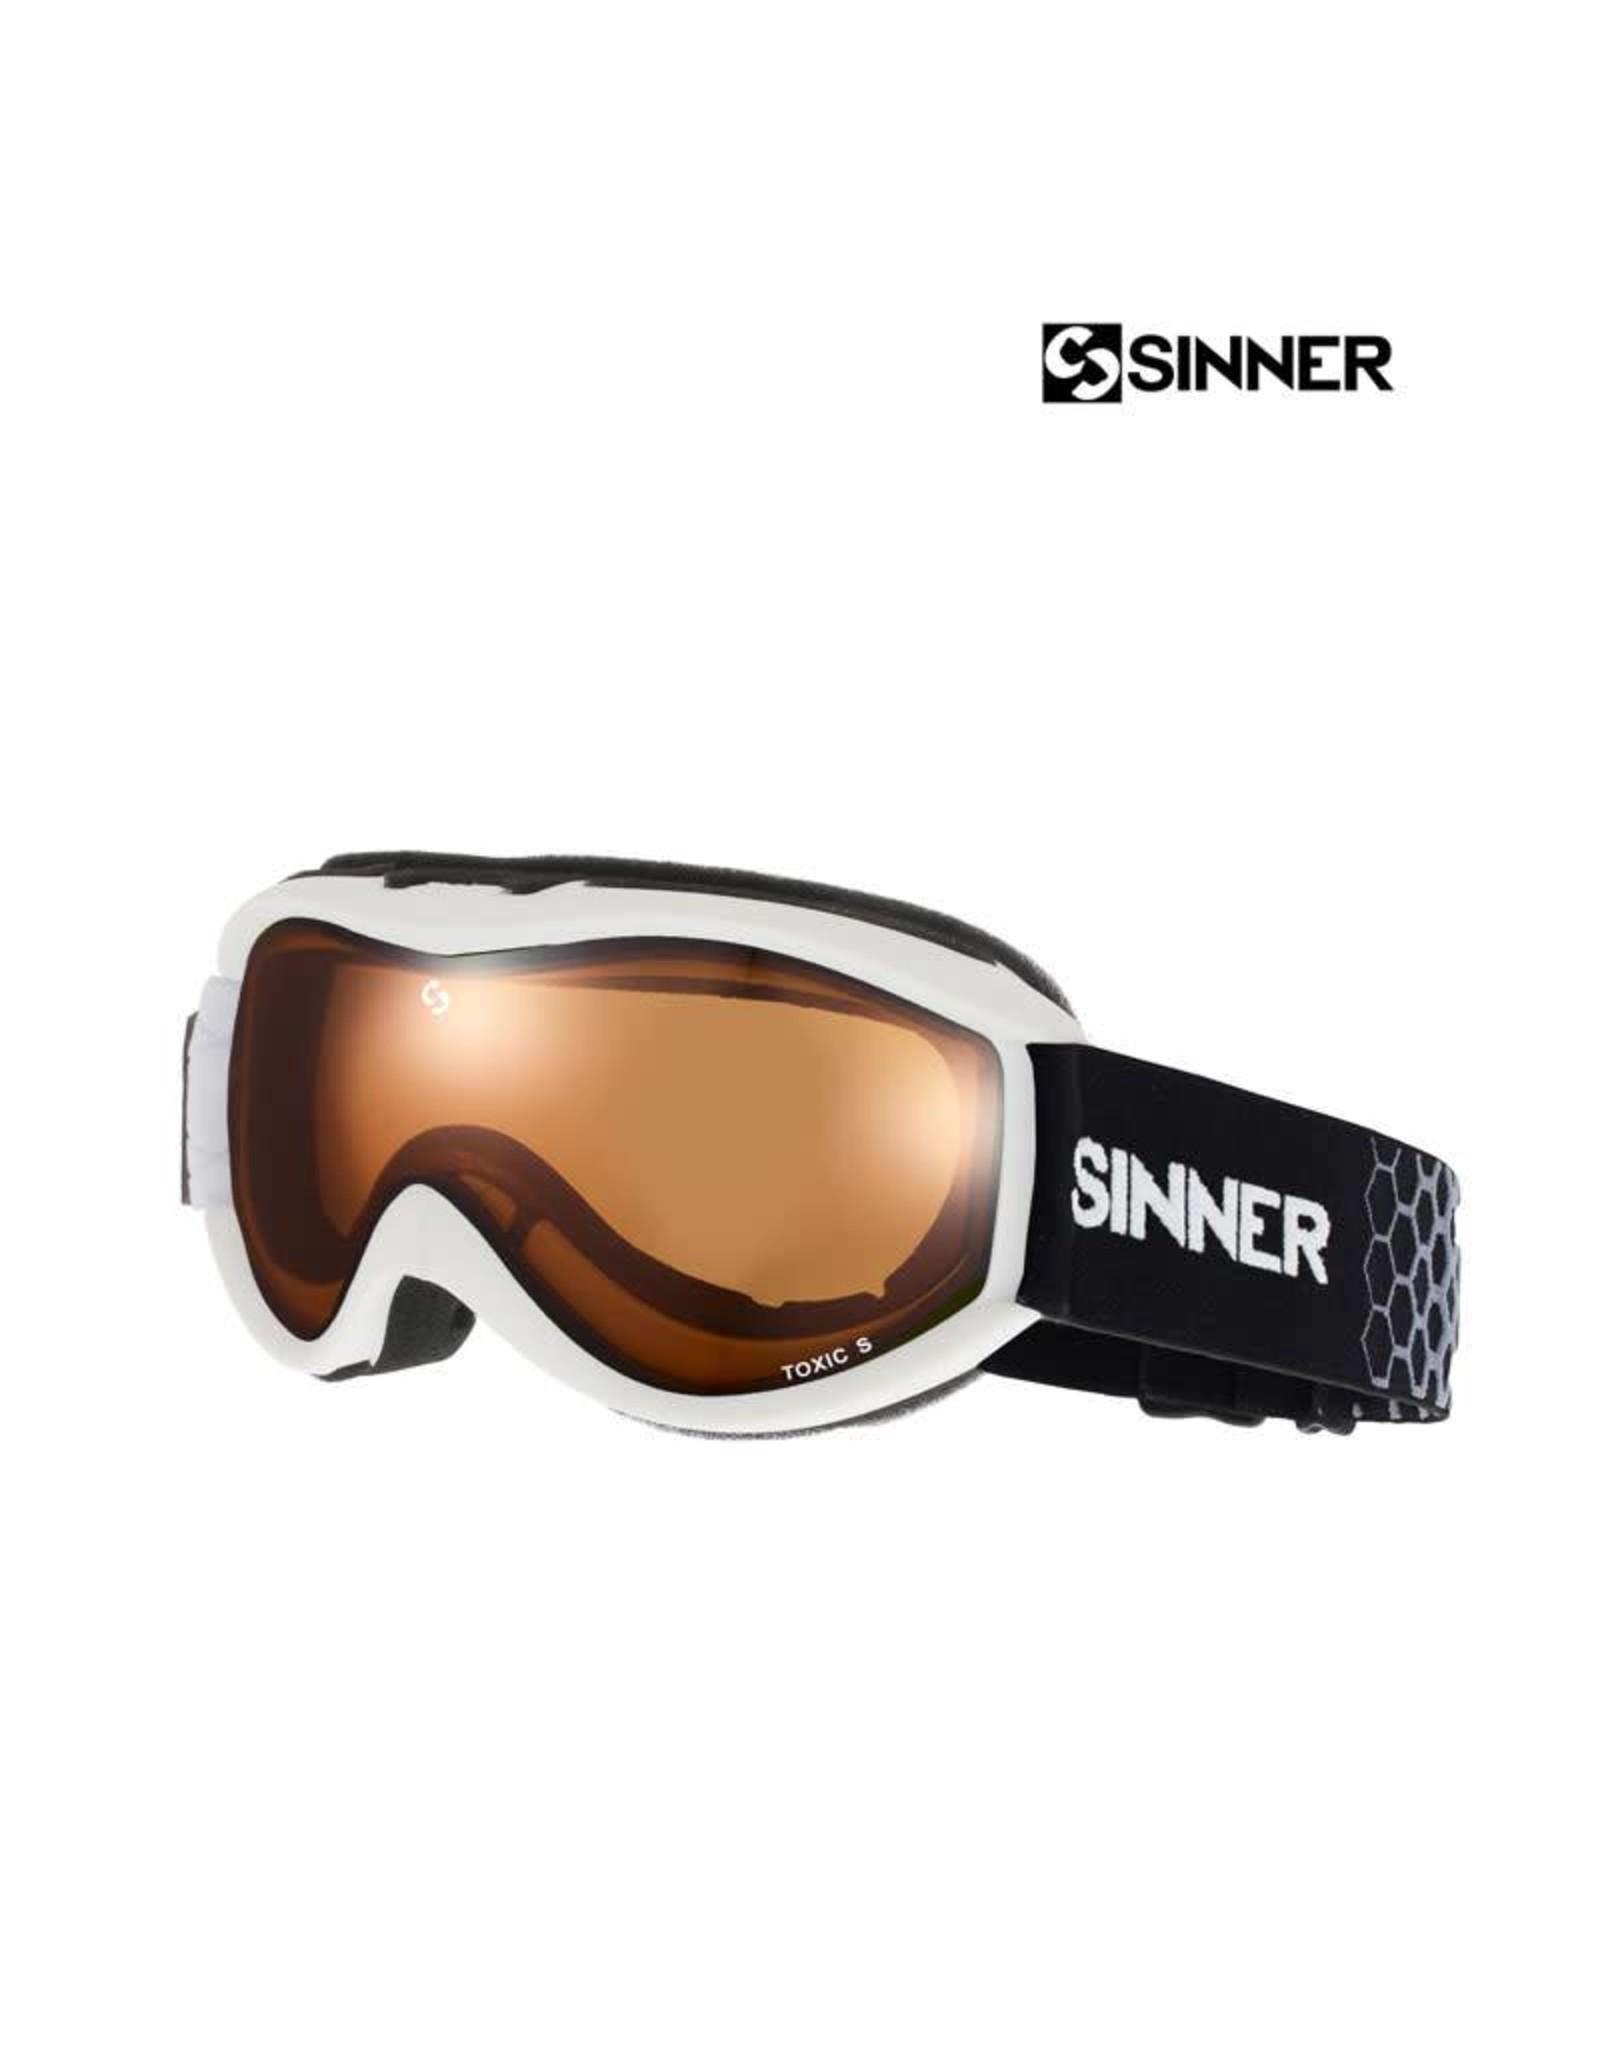 SINNER SKIBRIL SINNER TOXIC S Mat White-Double Orange Jr.